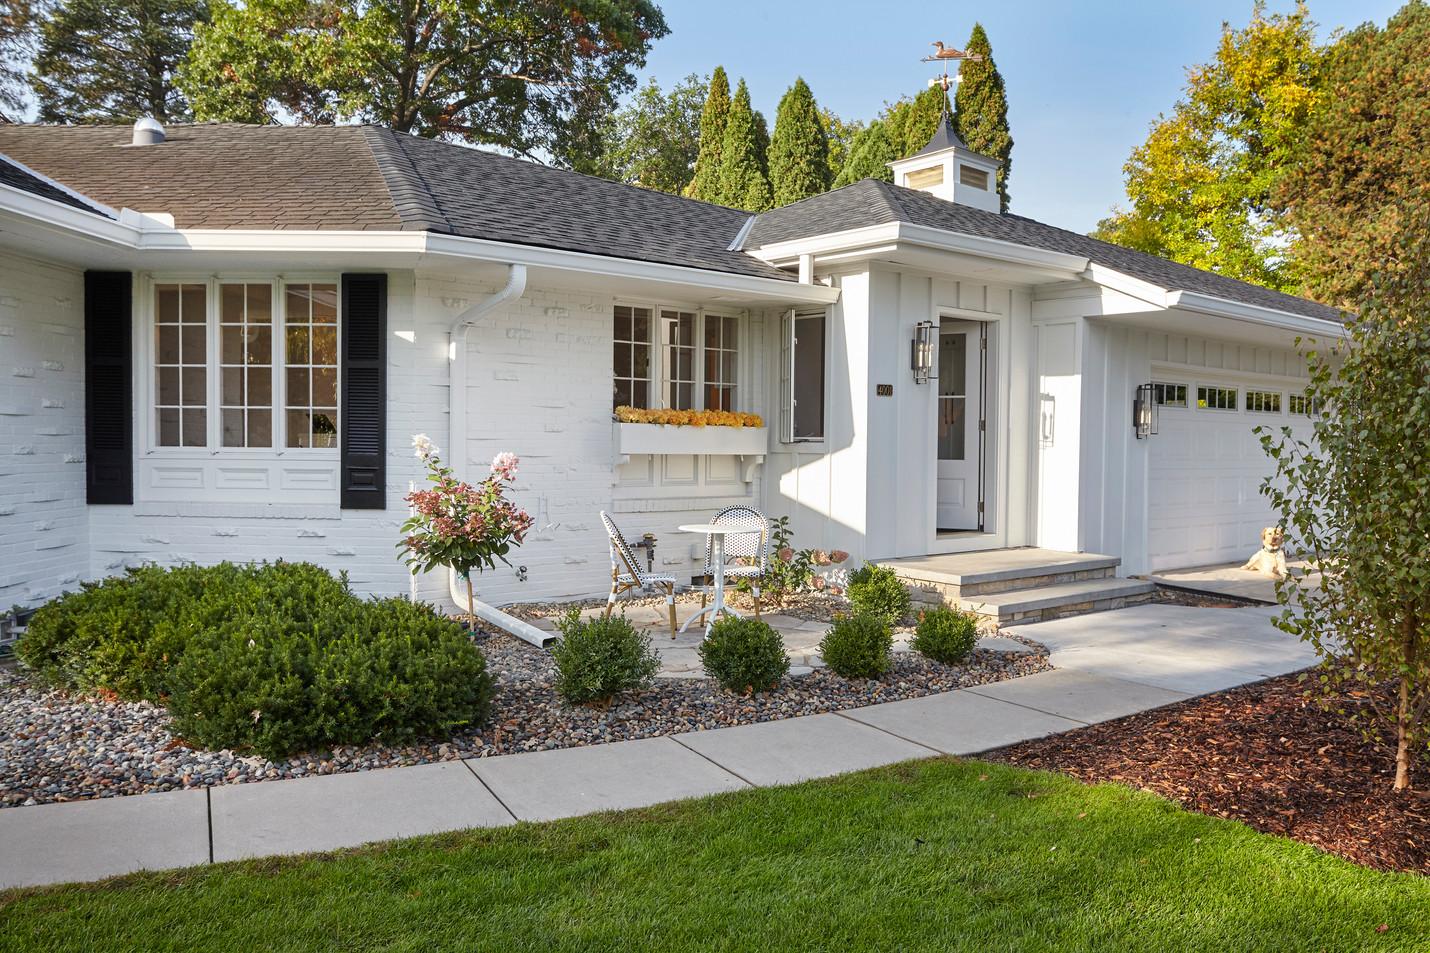 4001 Basswood_patio and door away.jpg